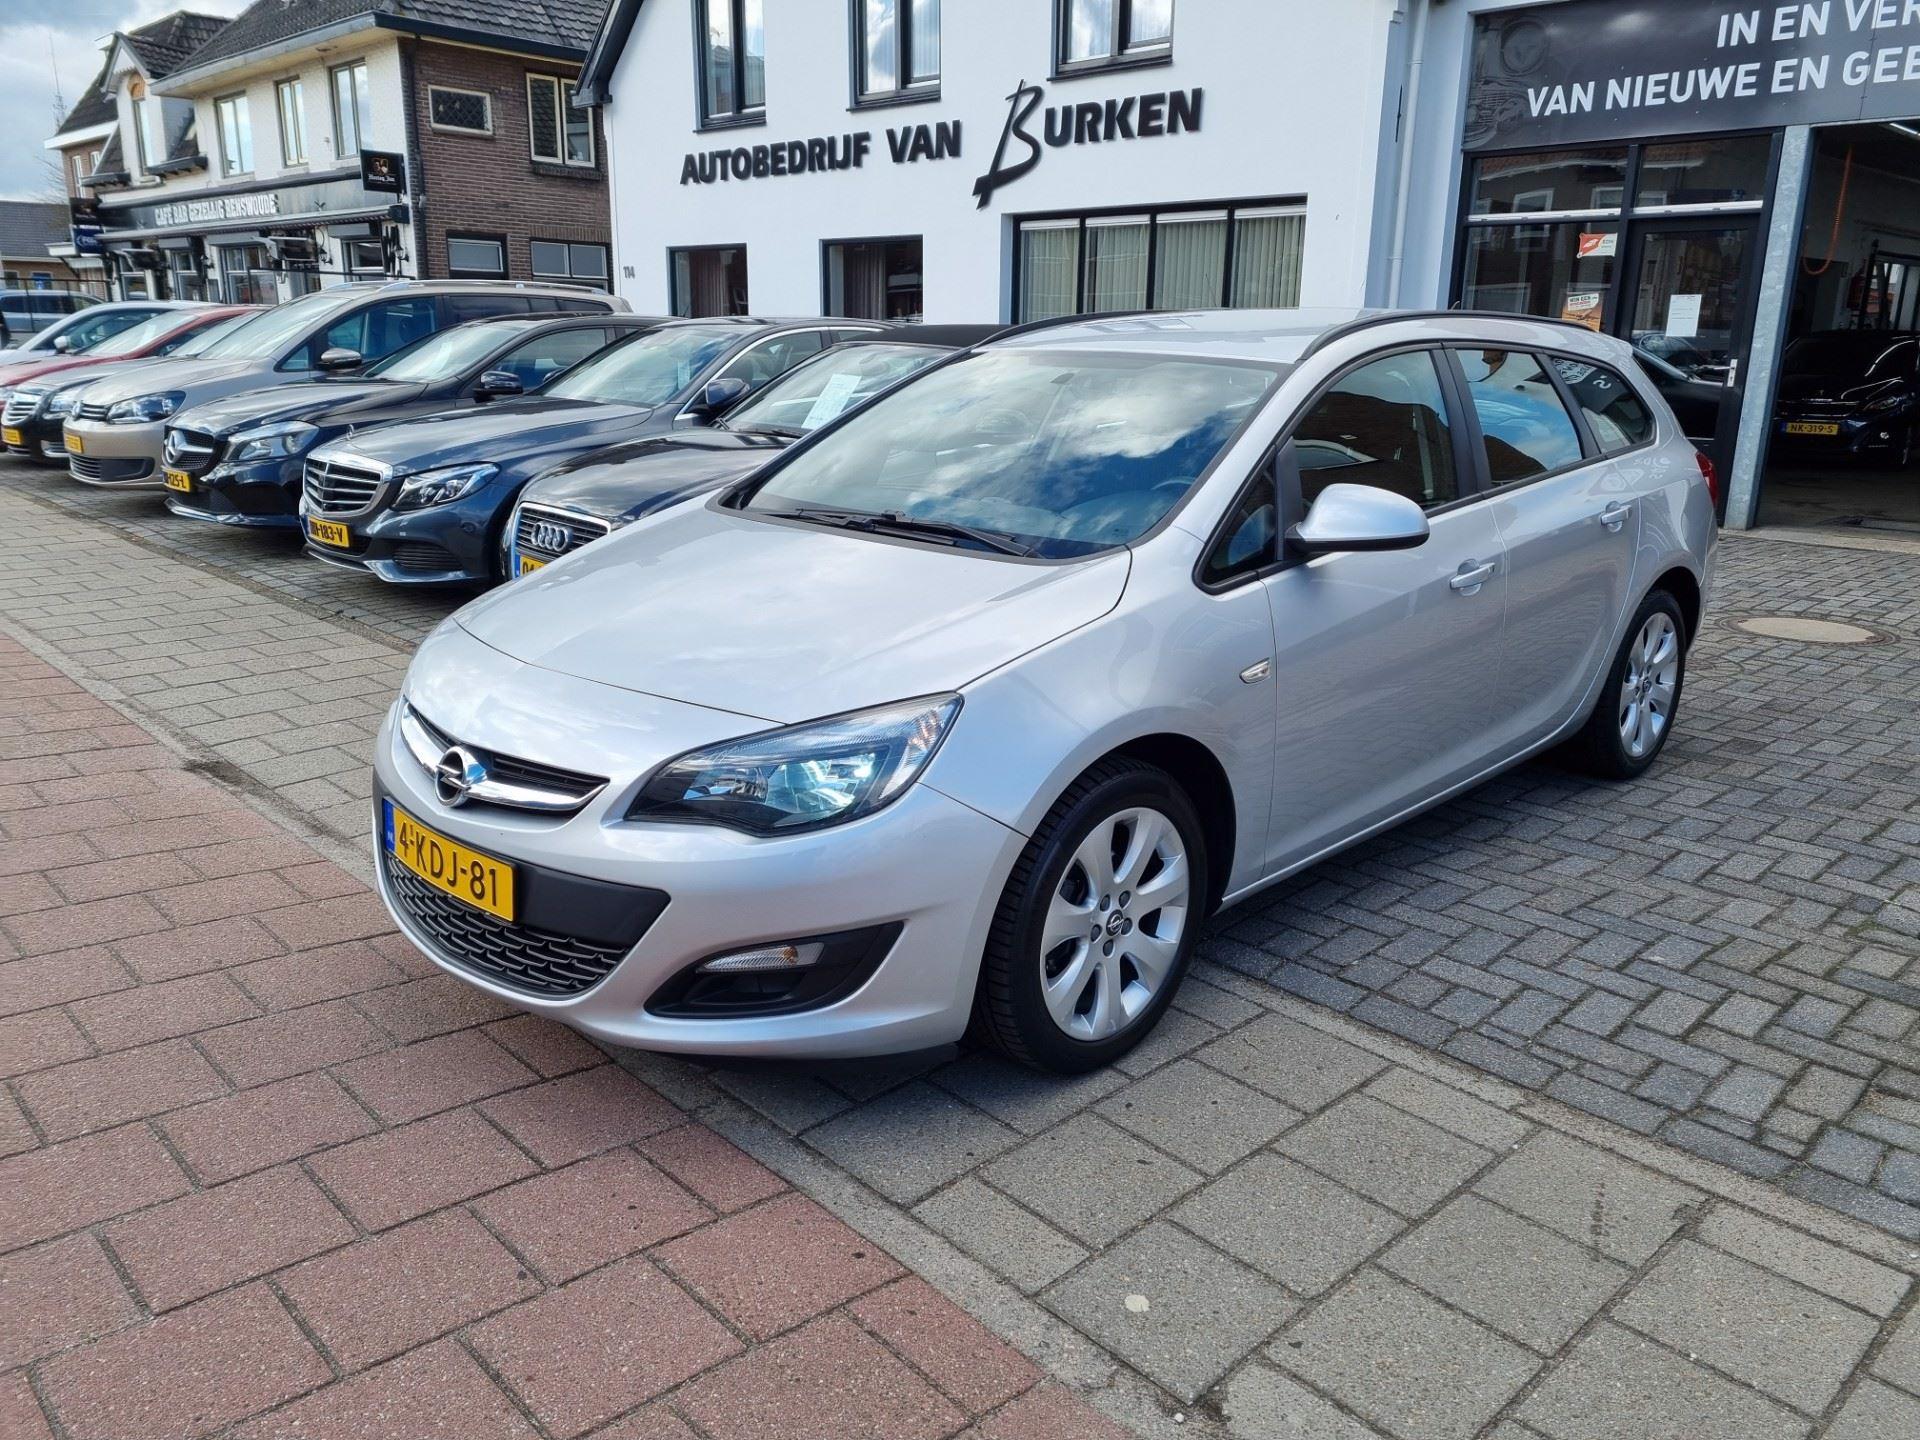 Opel Astra Sports Tourer occasion - Autobedrijf van Burken